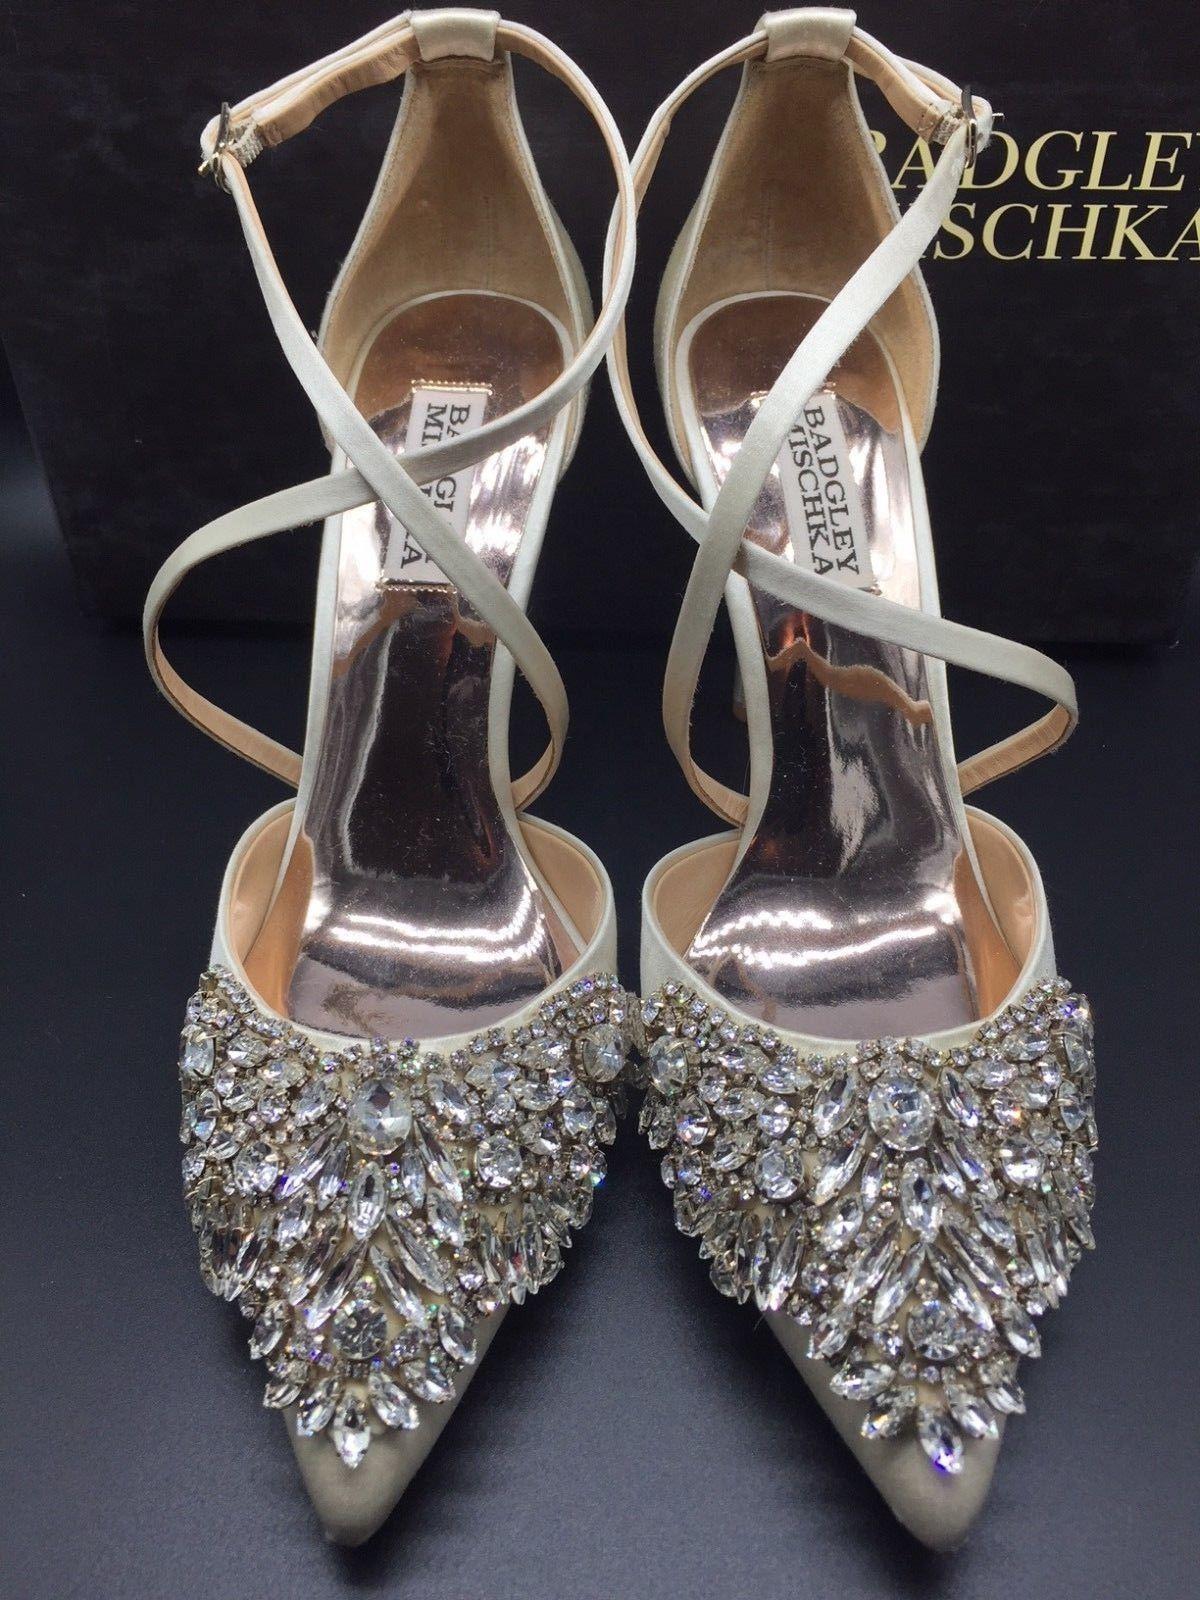 f33941af36 NIB Badgley Mischka Harlene Size 7.5 Ivory Satin Crystal Embellished Pumps  $245 | eBay